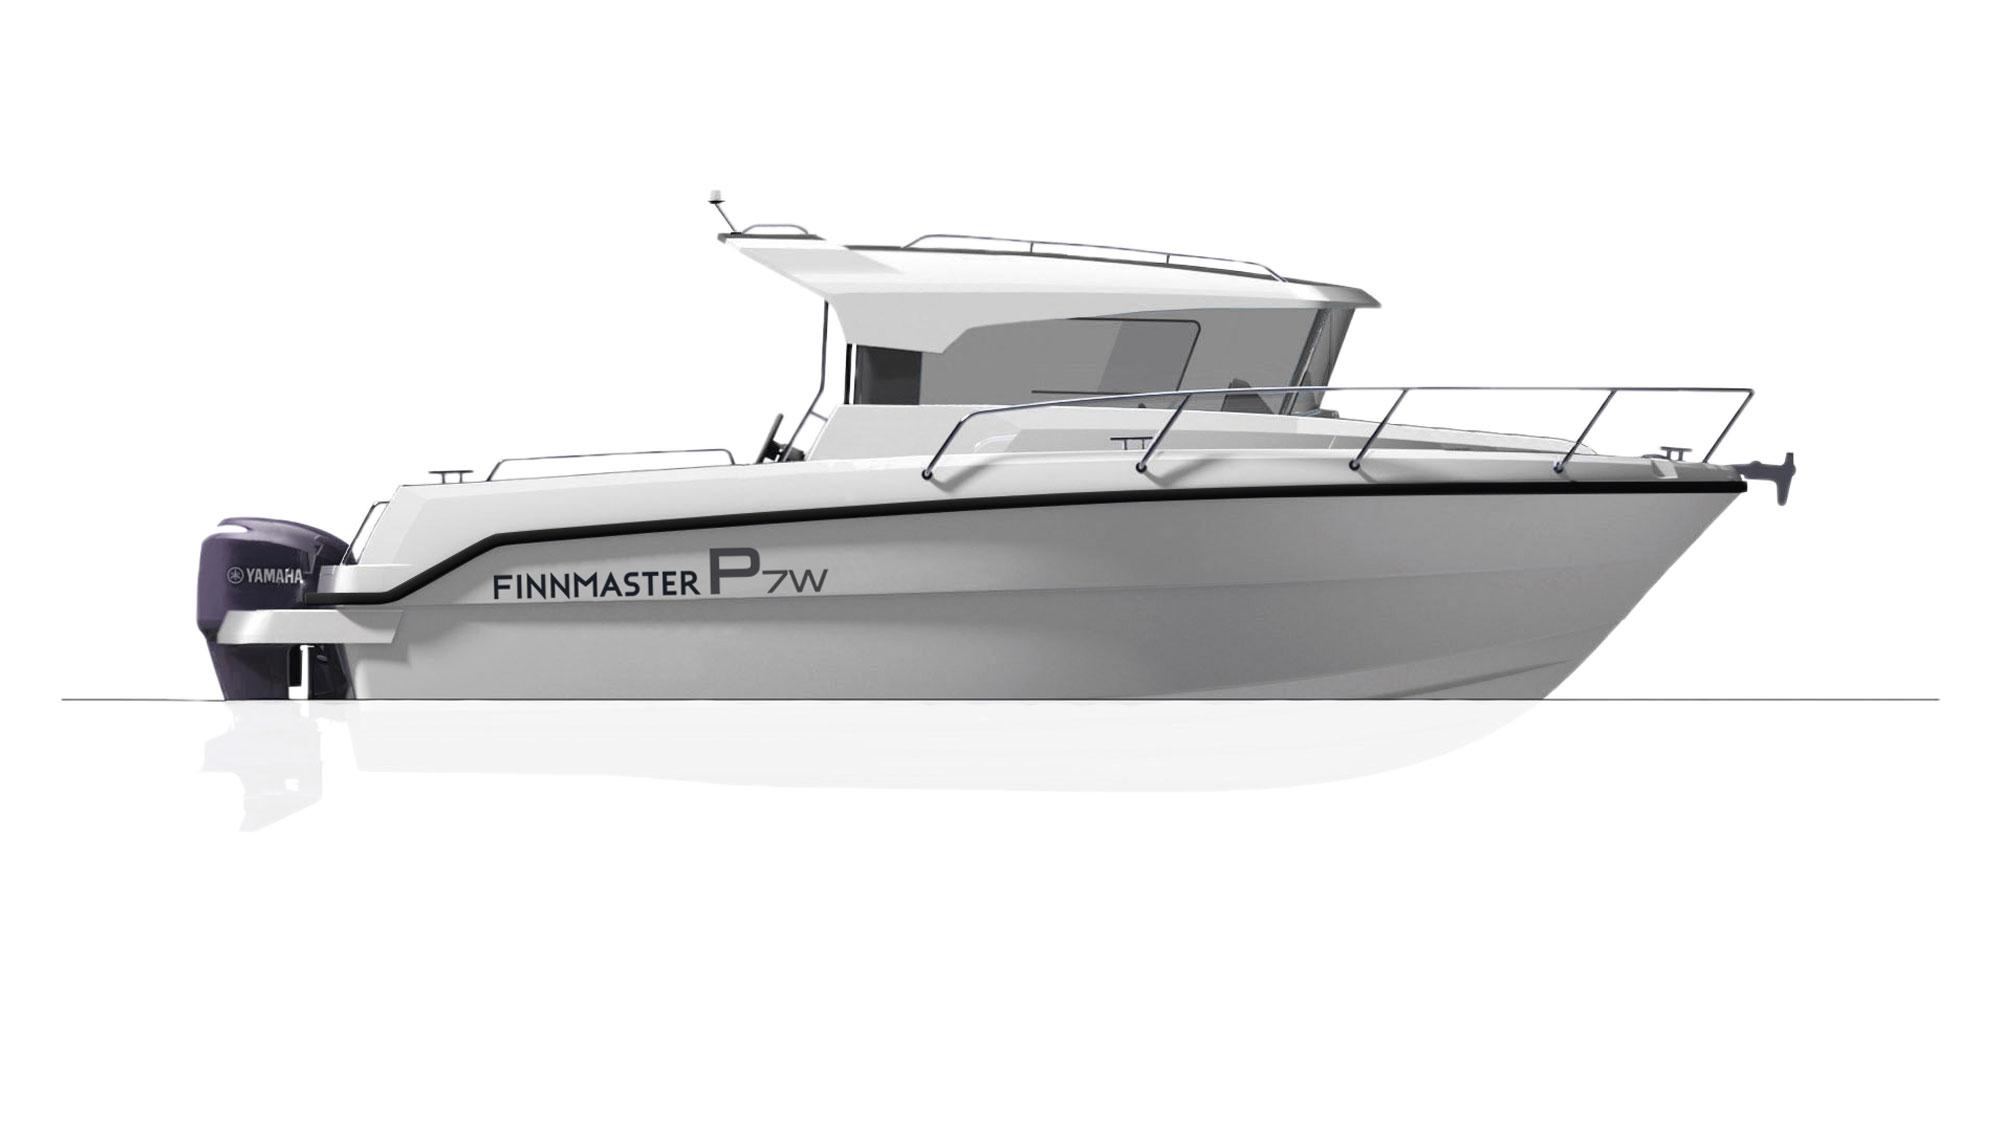 Finnmaster P7W